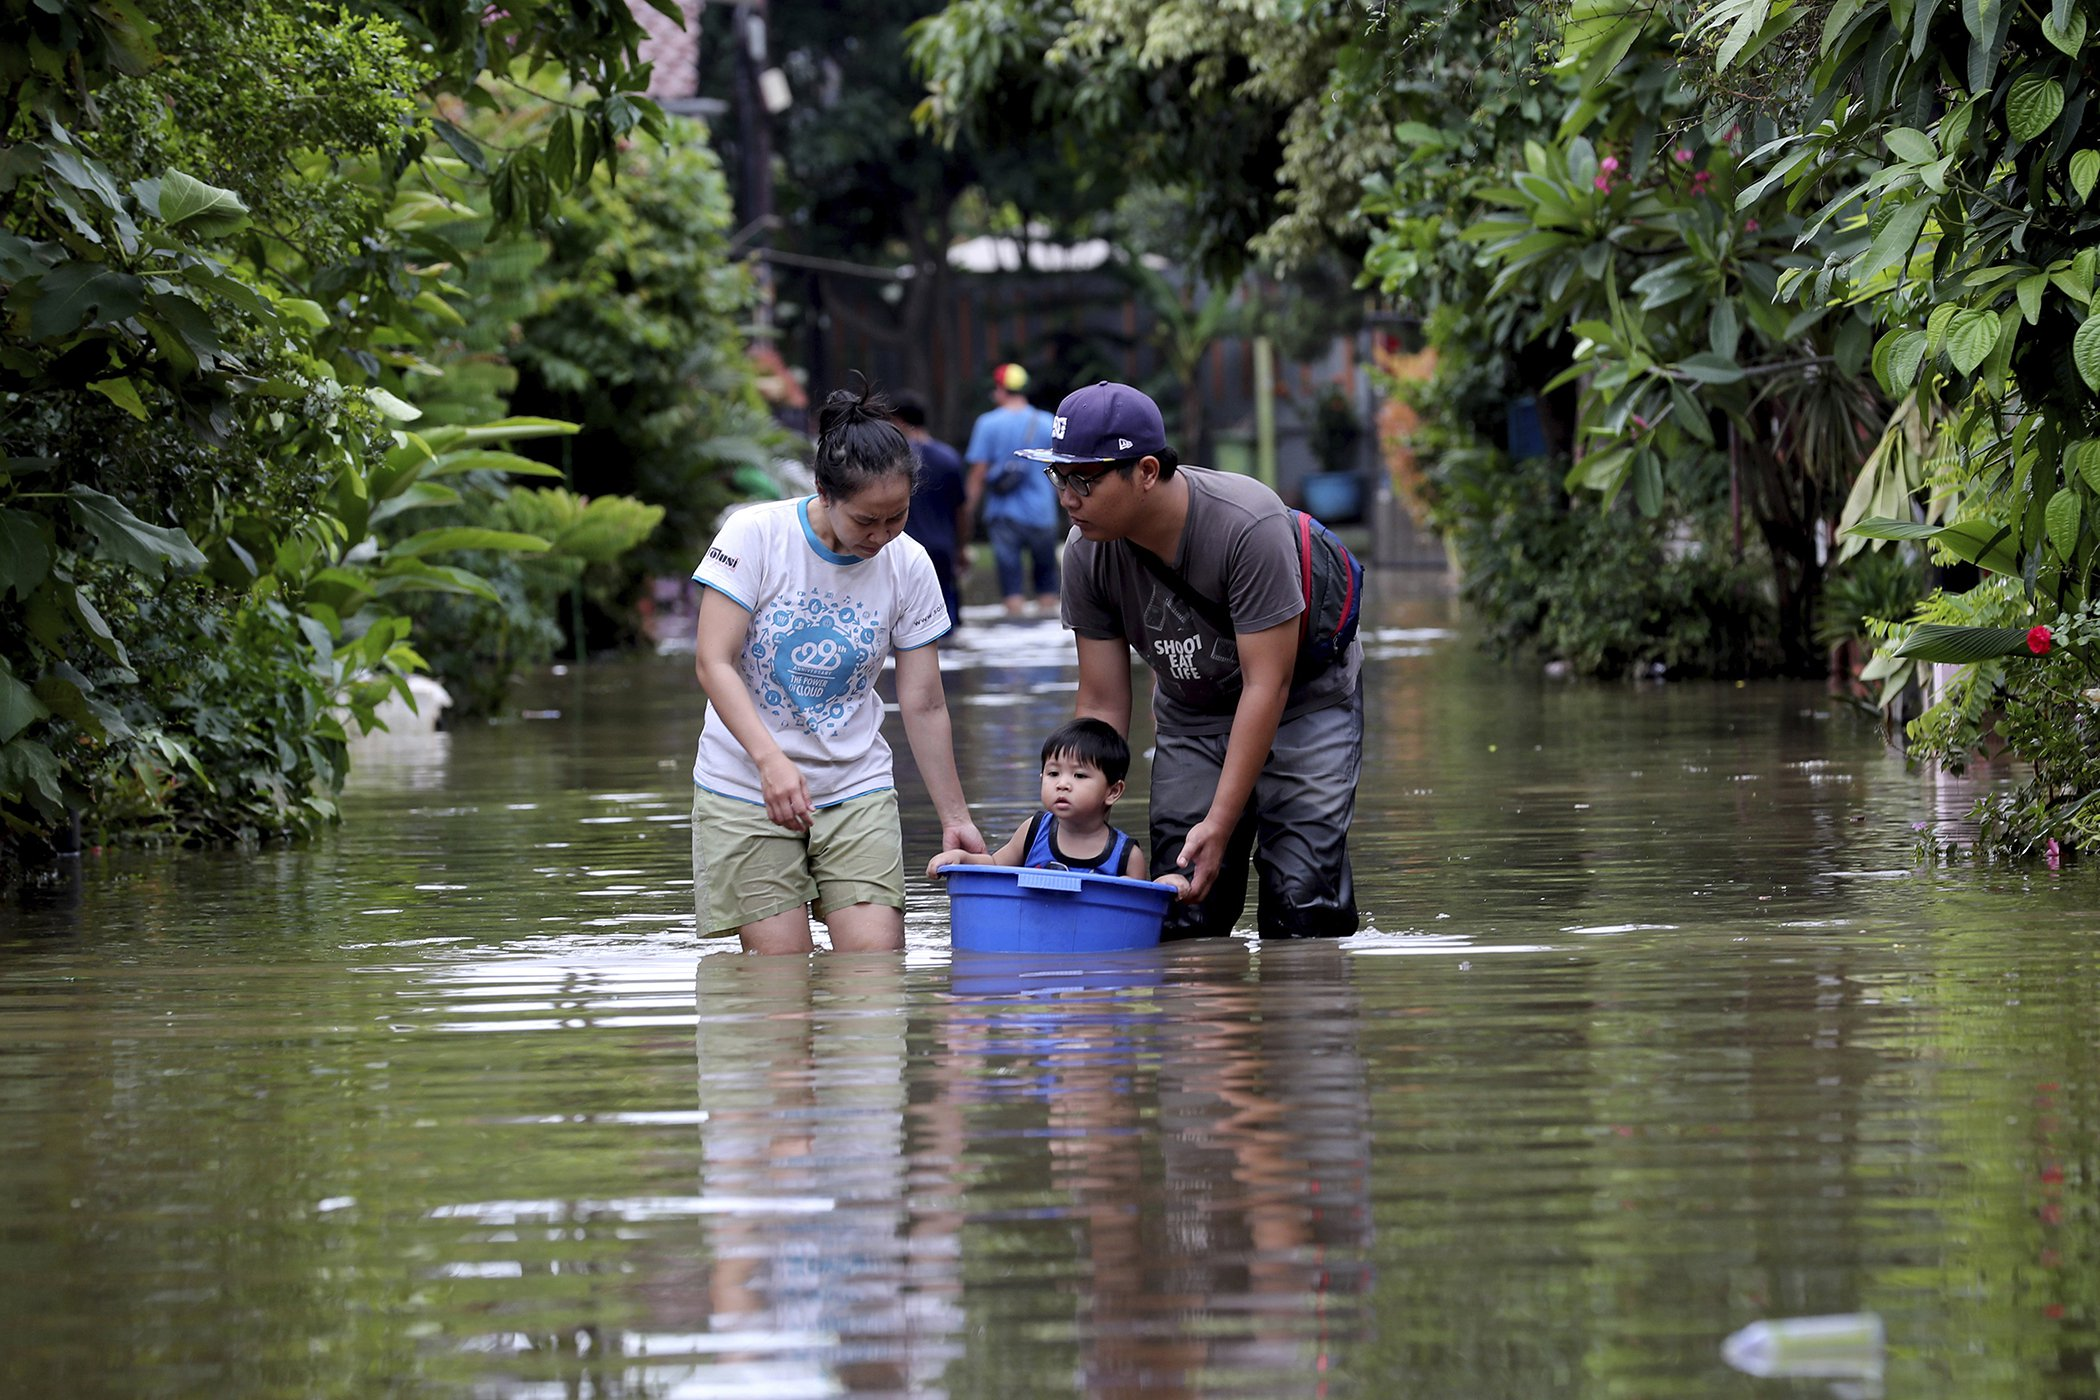 Climate-Change-Migration-Refugees-Jakarta-Indonesia-Flooding.jpg